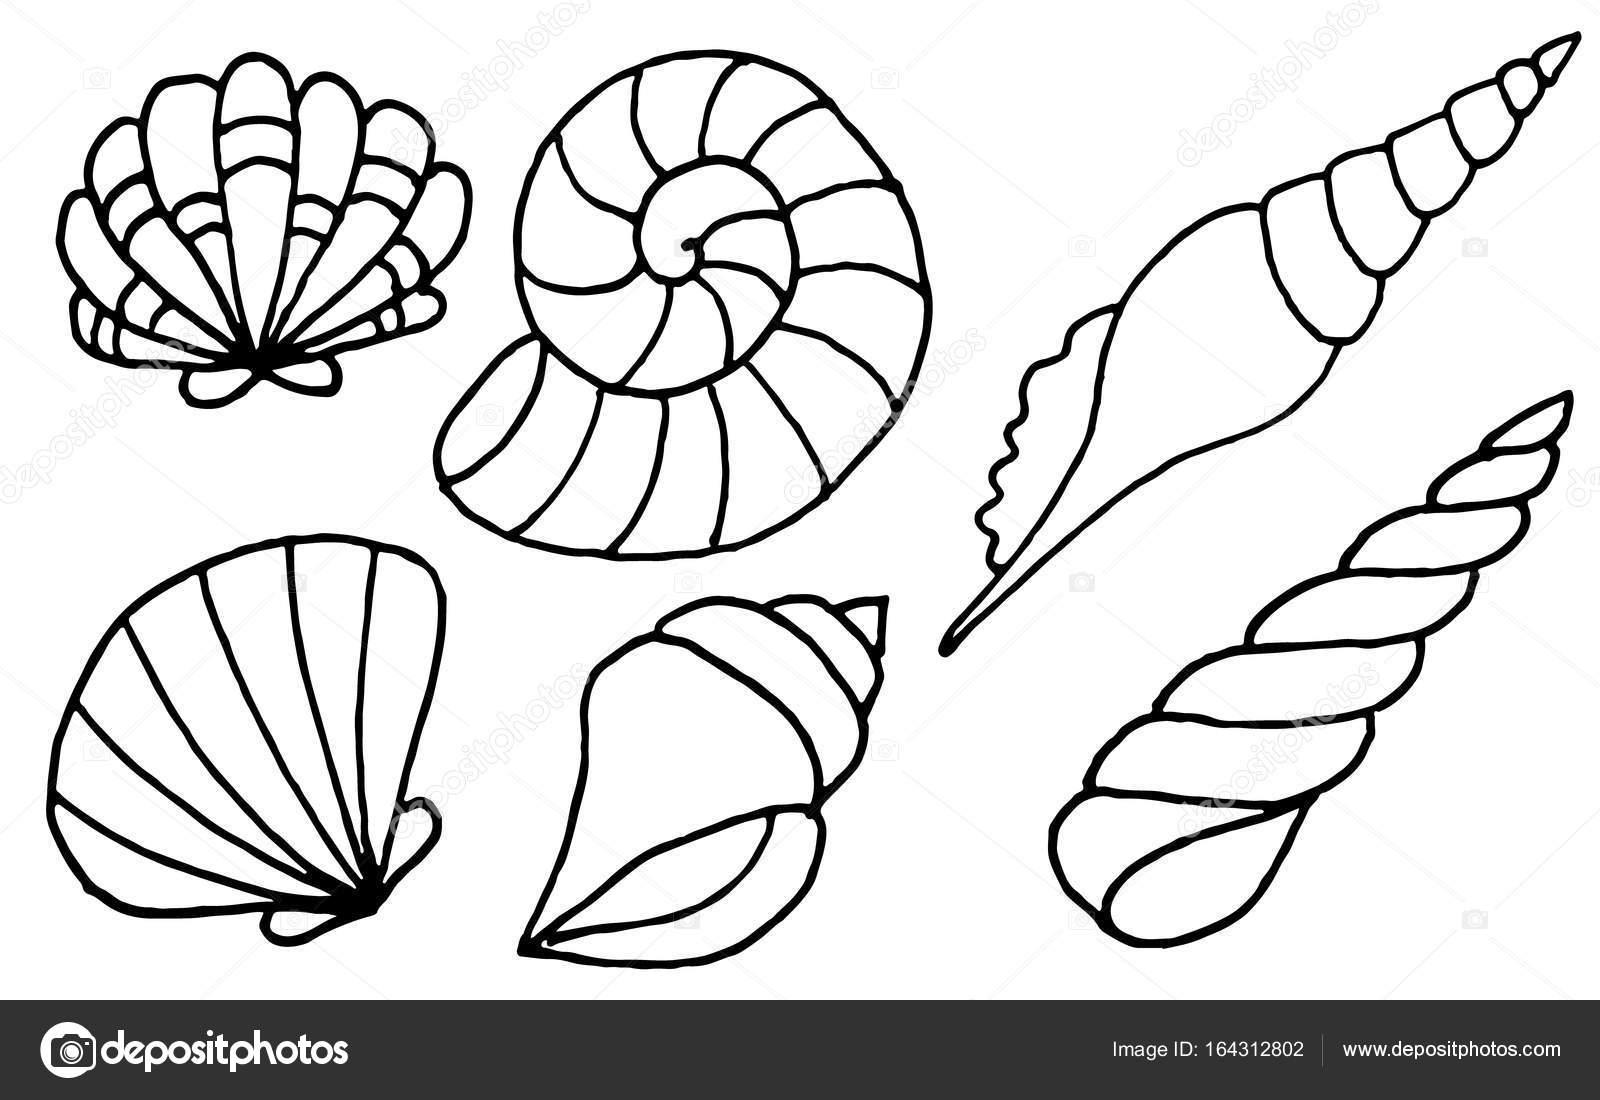 El Deniz Kabukları Koleksiyonu çekilmiş Boyama Kitapları Için Deniz